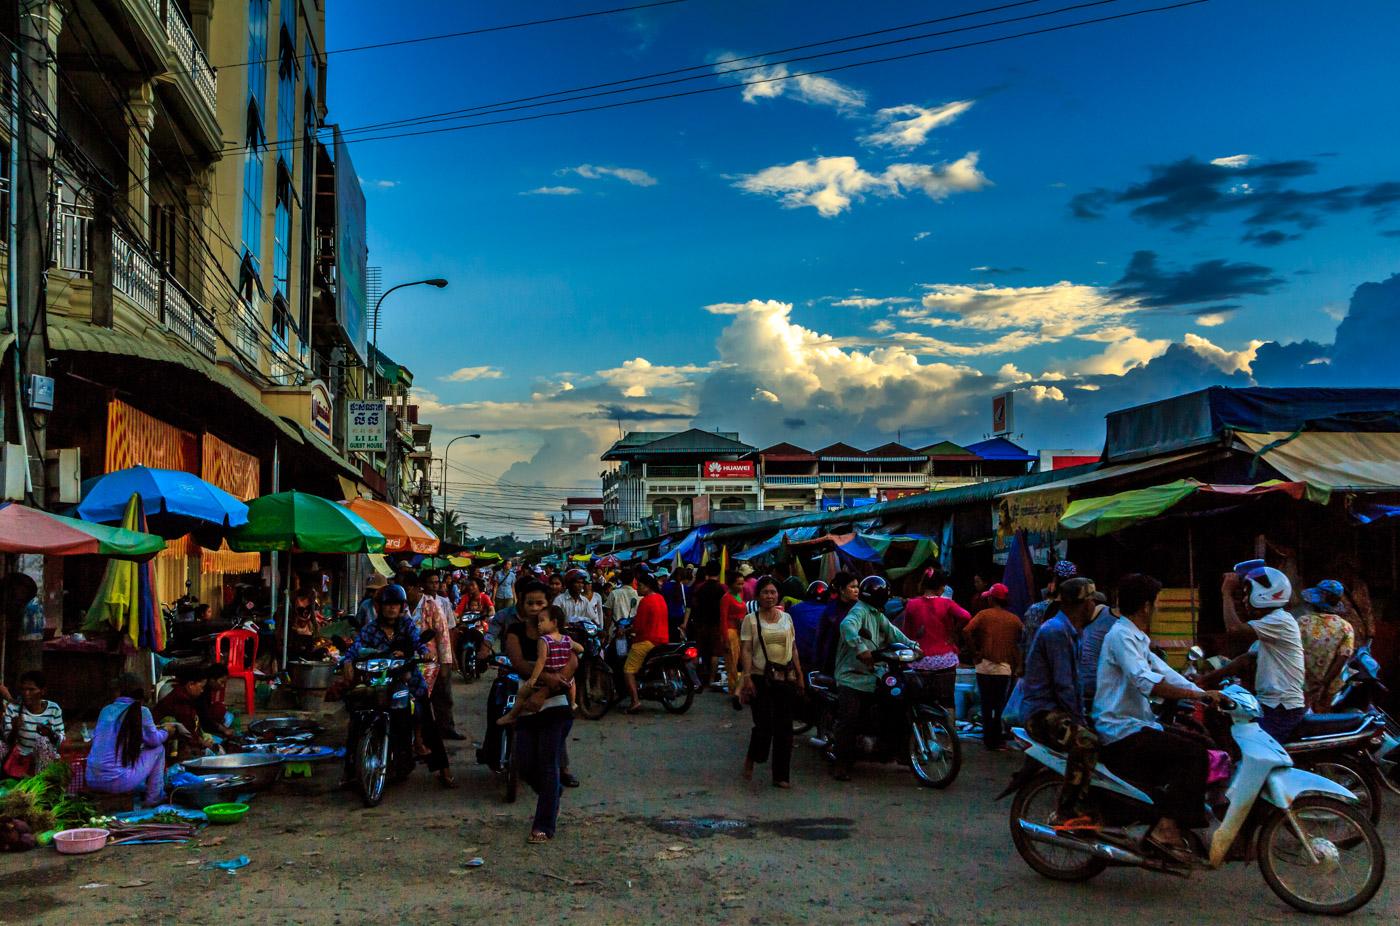 The Stung Treng market.